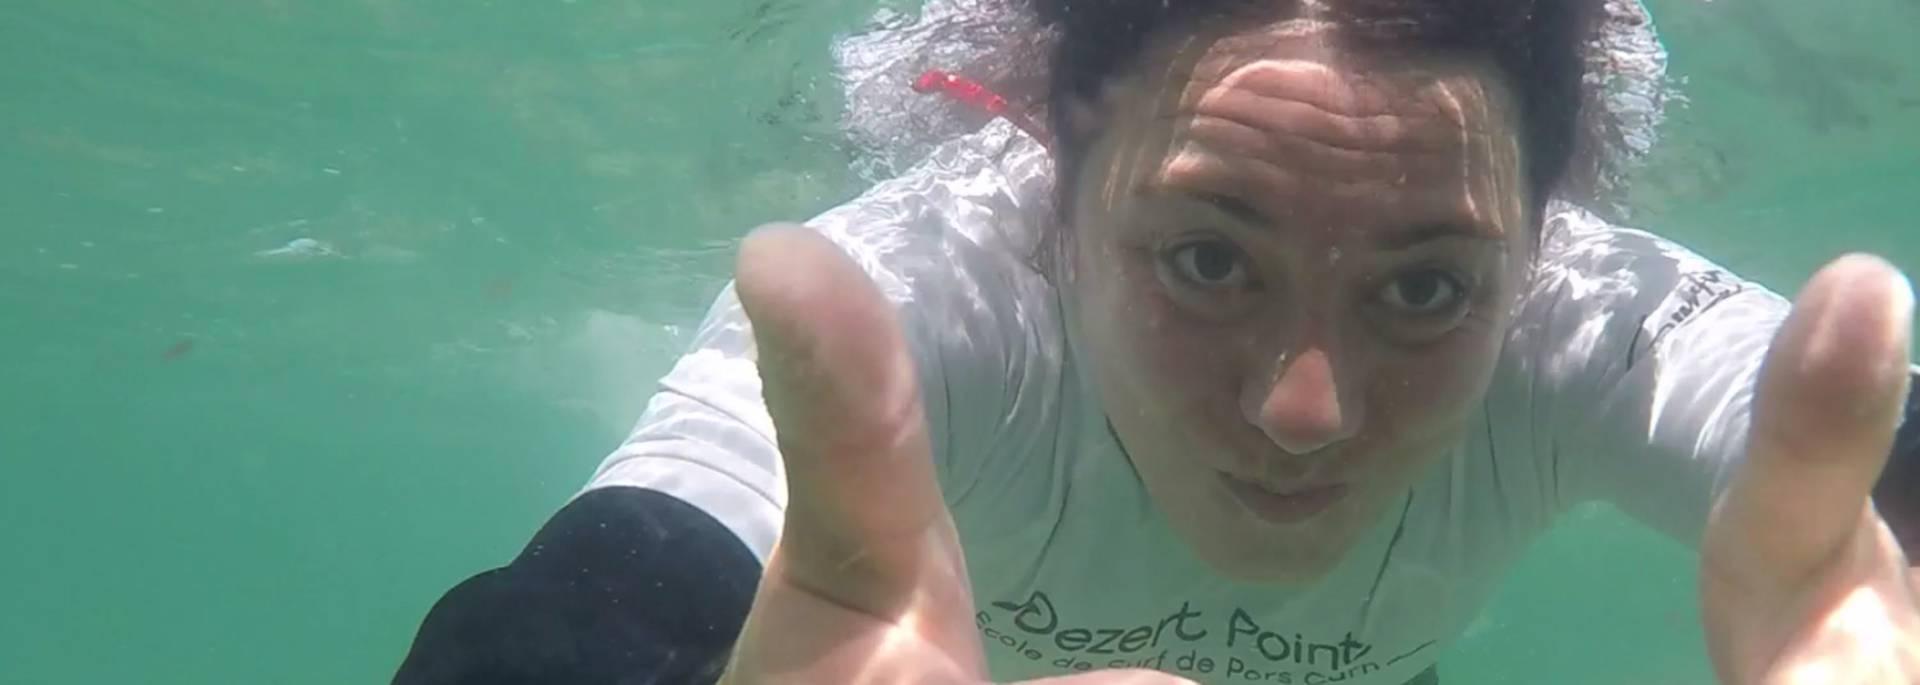 mon premier cours de surf en Pays Bigouden - sous l'eau © T Hourmand